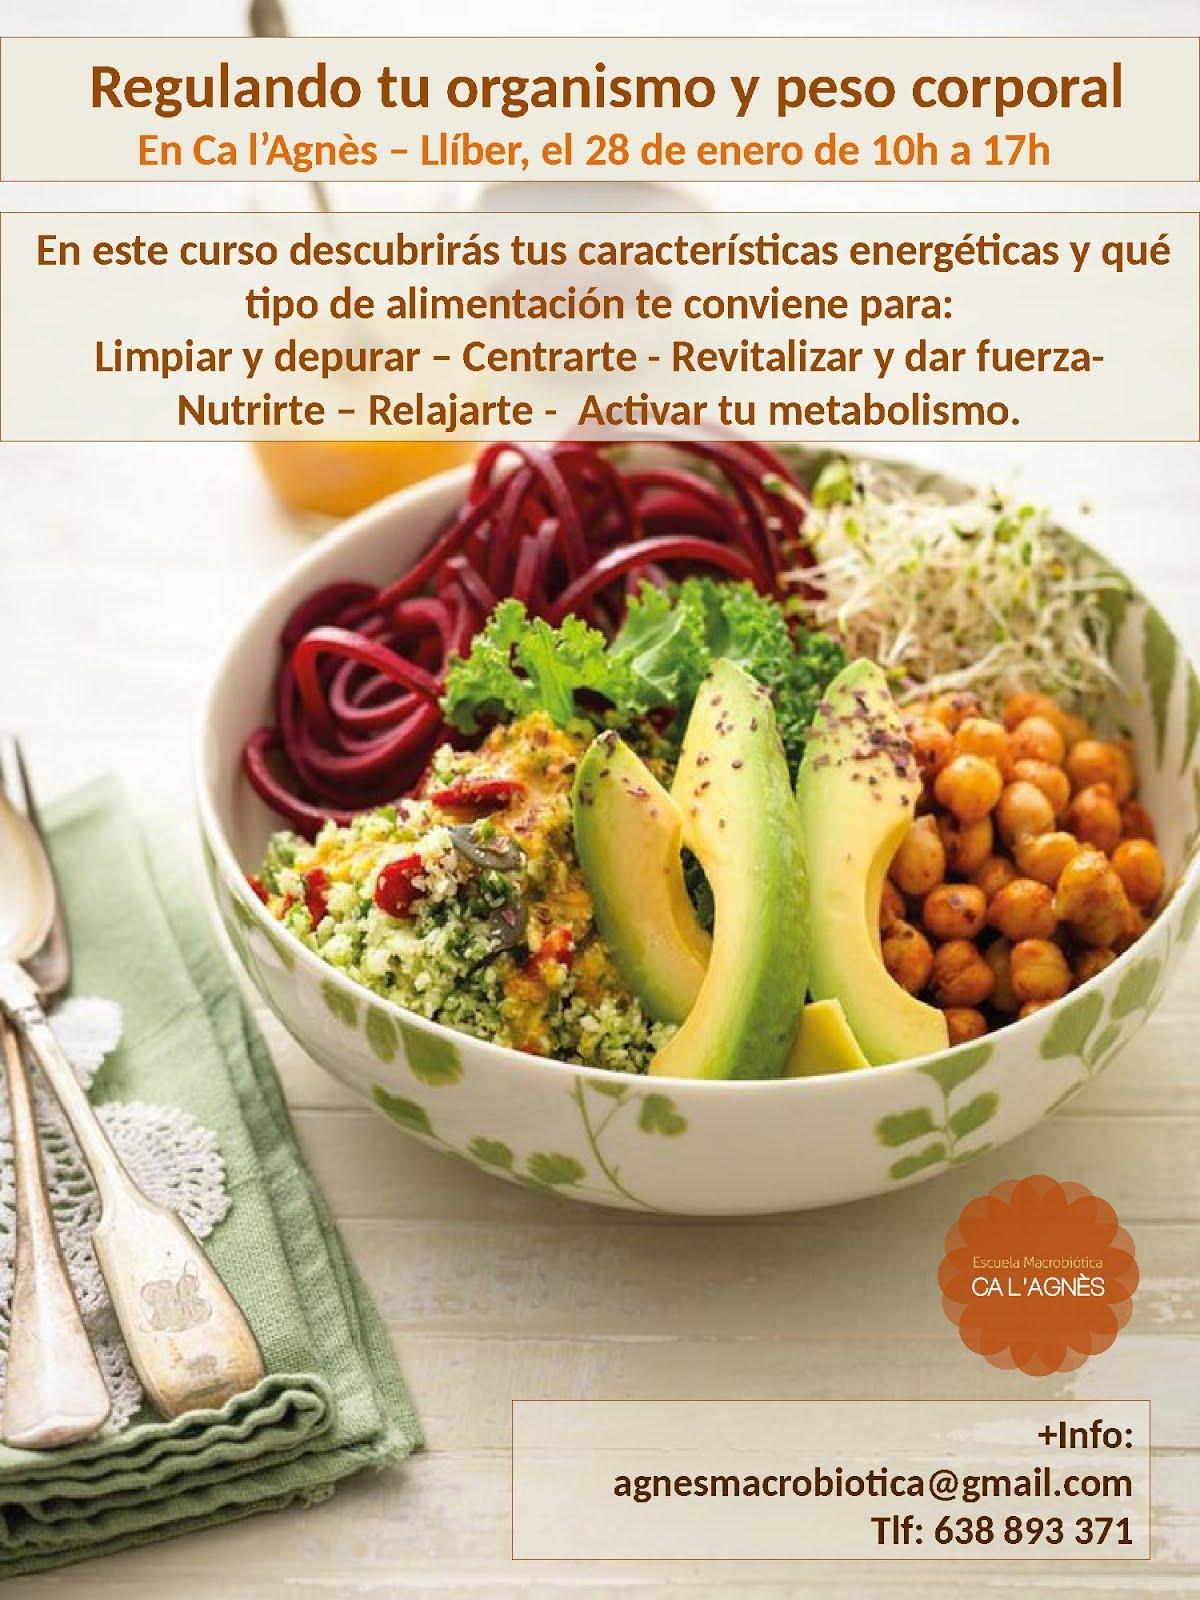 REgulando tu organismo y peso corporal